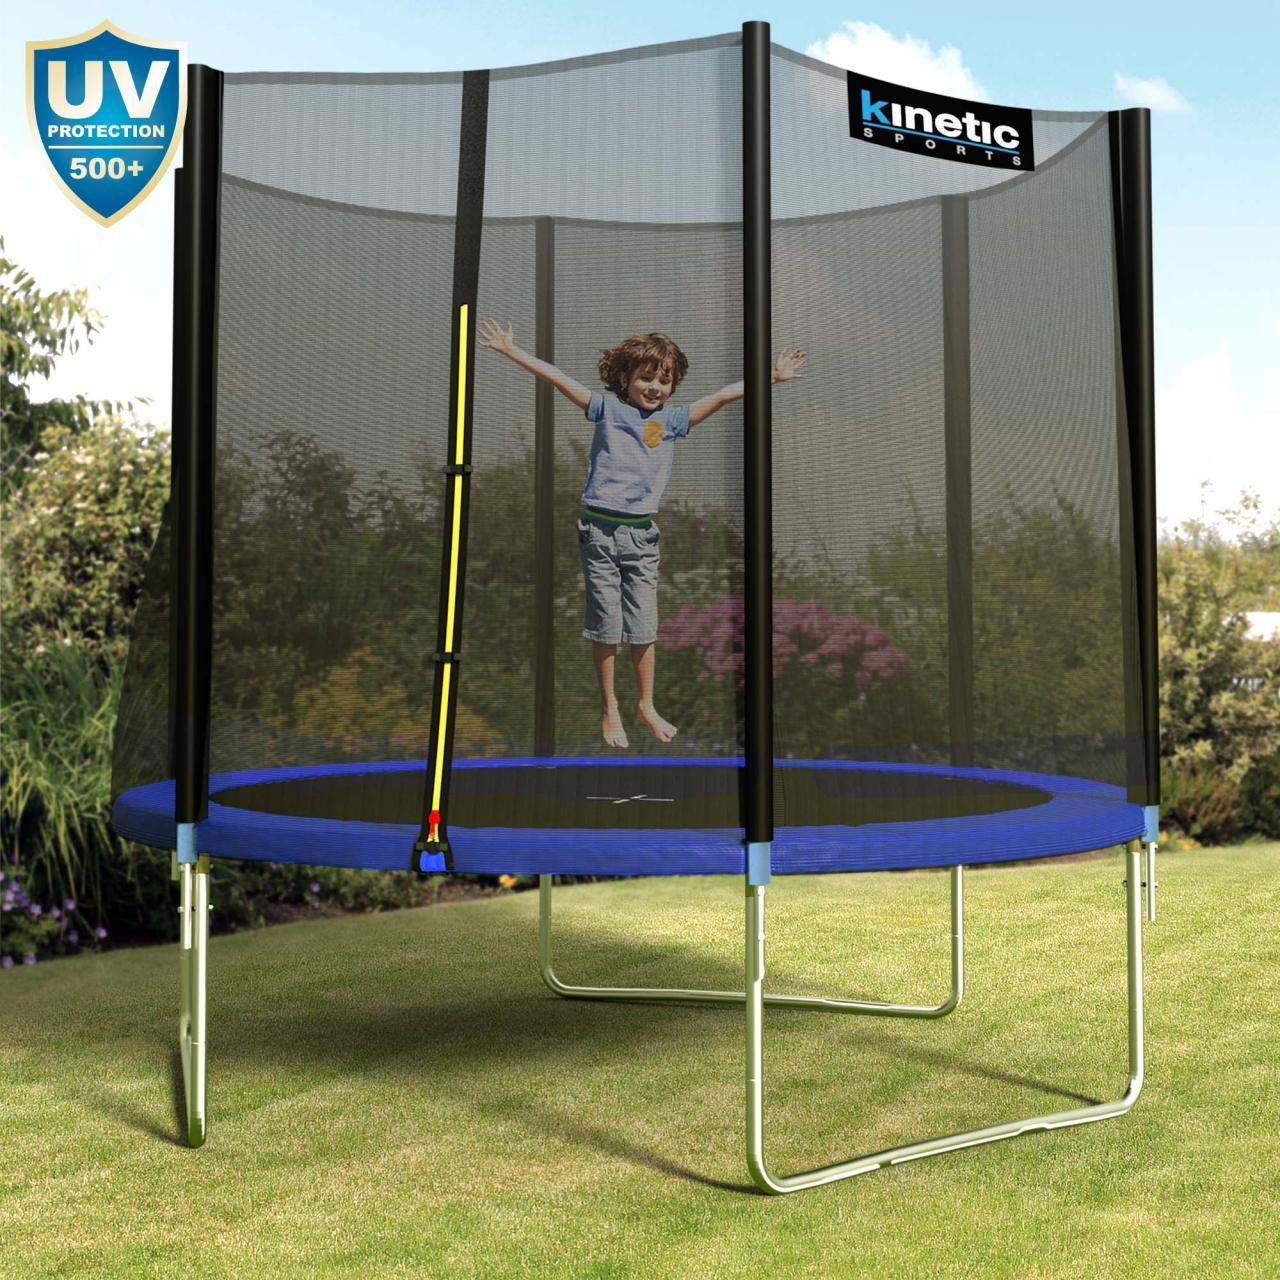 Kinetic-Sports-Trampolin-Outdoor-Garten-inkl-Netz-Sprungtuch-Randabdeckung-SET